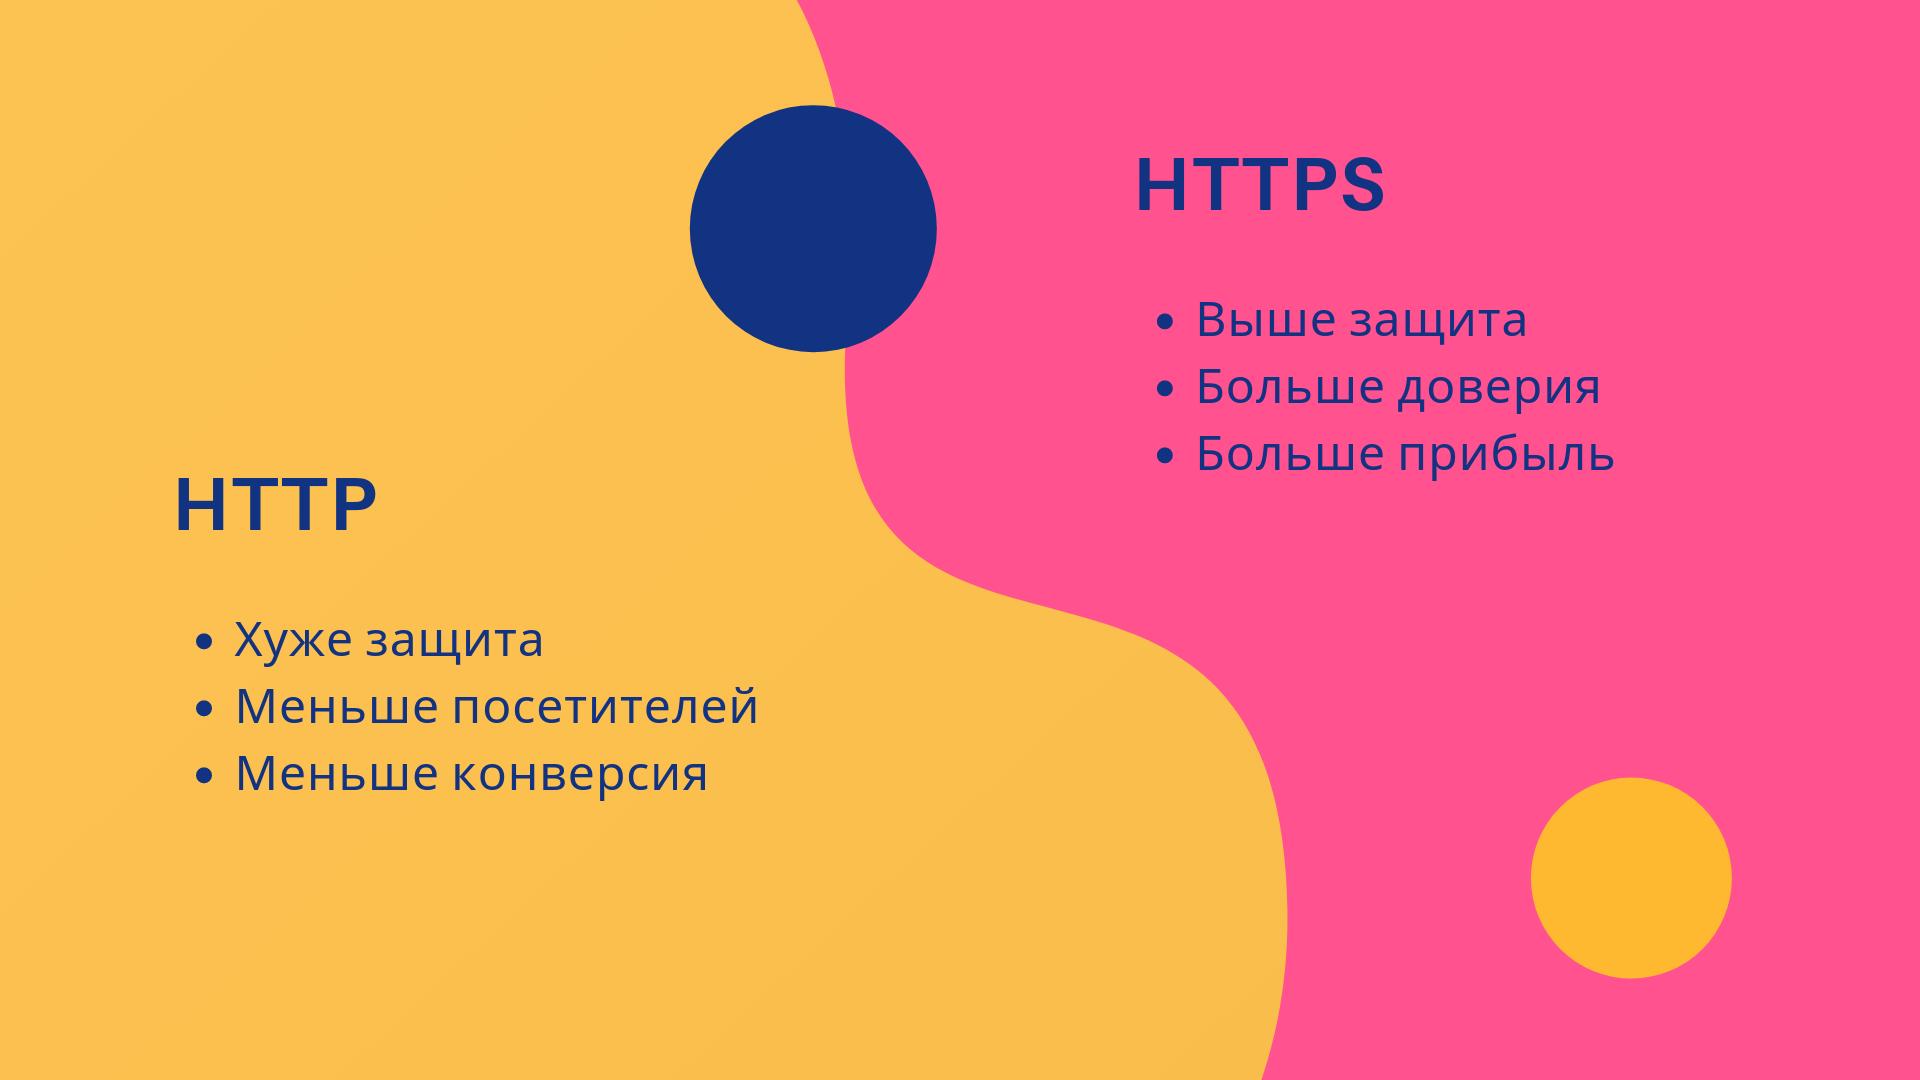 Преимущества протокола HTTPS